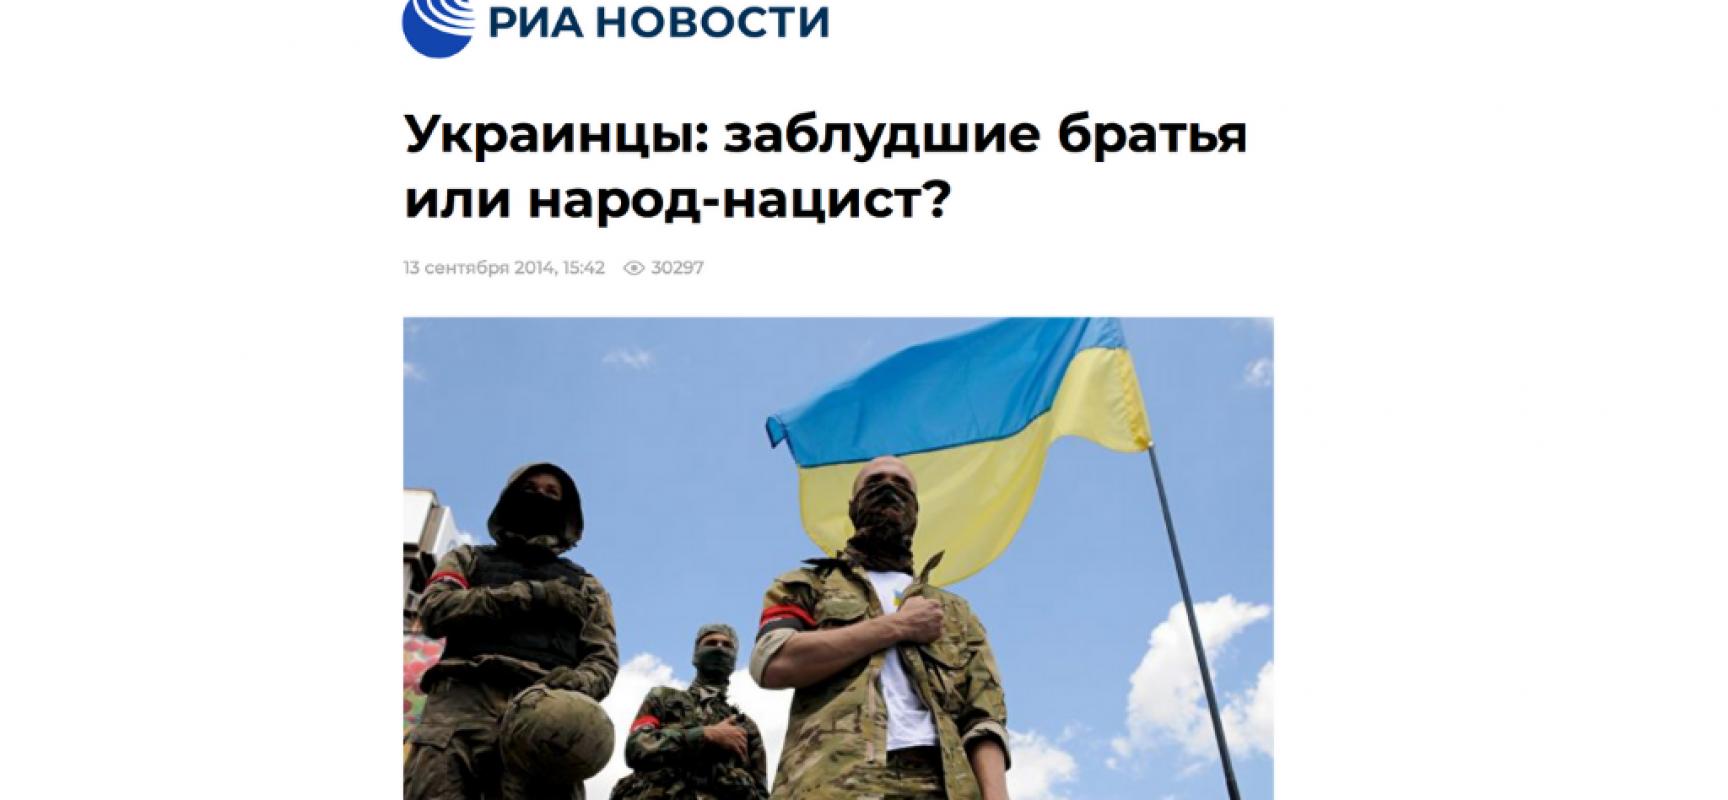 Насколько сильна одержимость Кремля Украиной? Спойлер: очень сильна